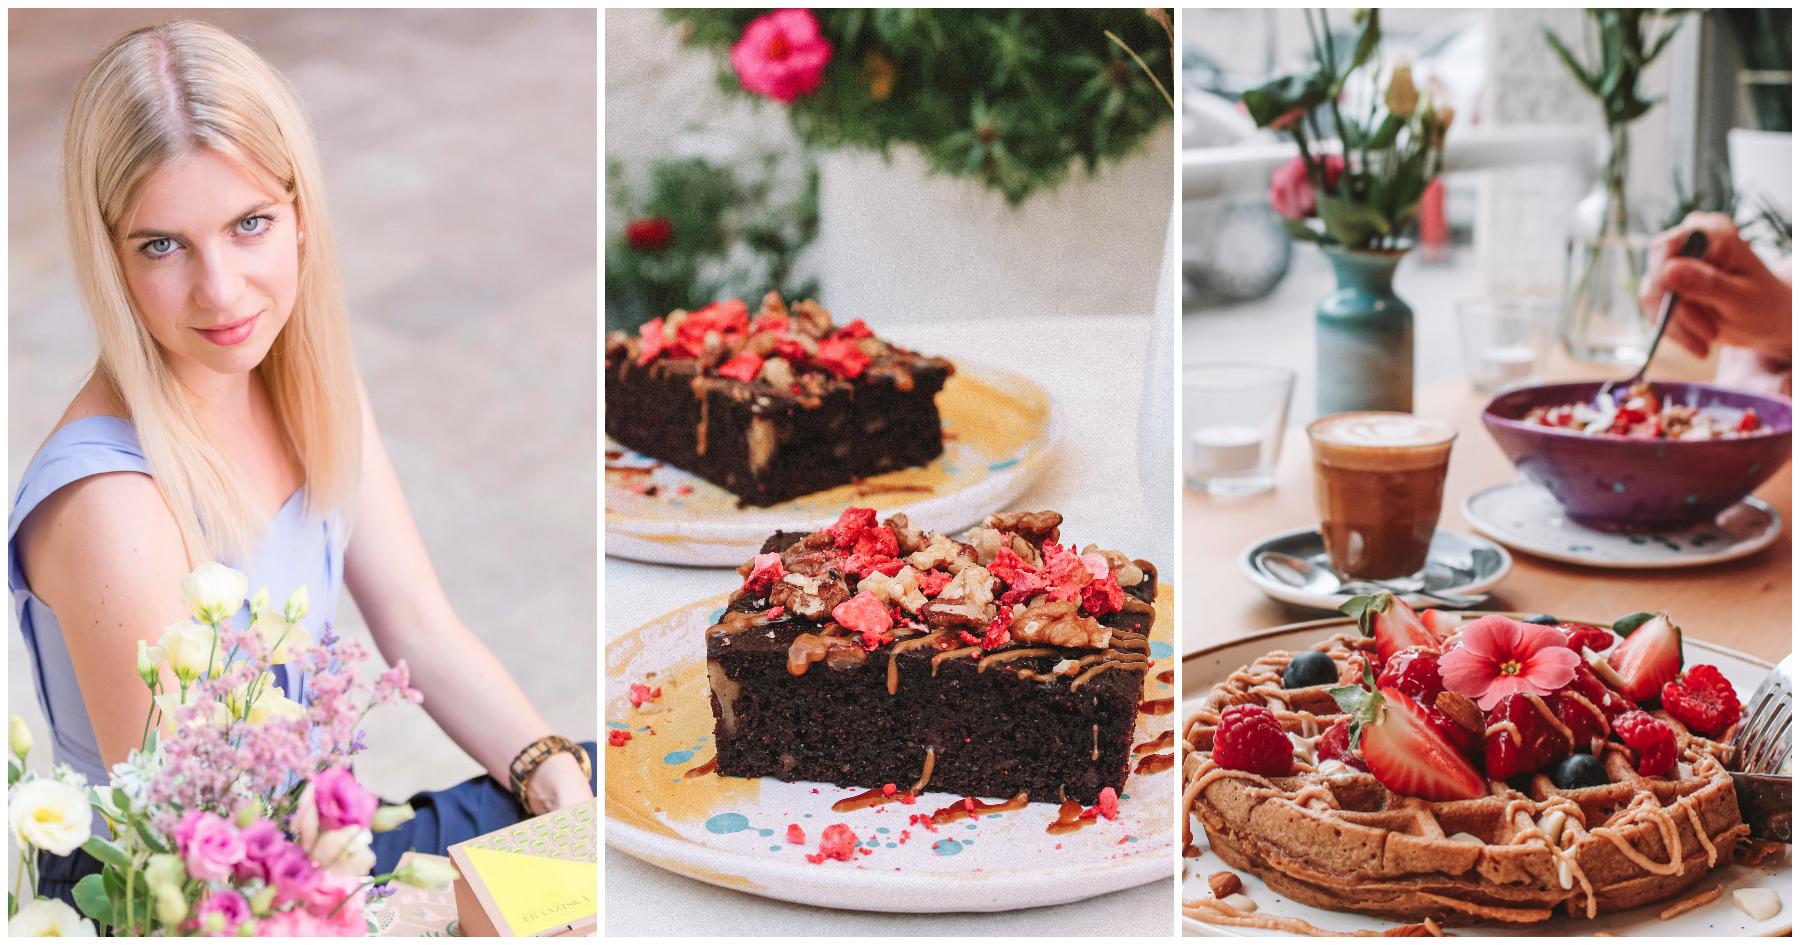 A Franziska már fogalom: a budai brunch bázis most egészséges tortákat készítő műhellyel bővül - Dining Guide